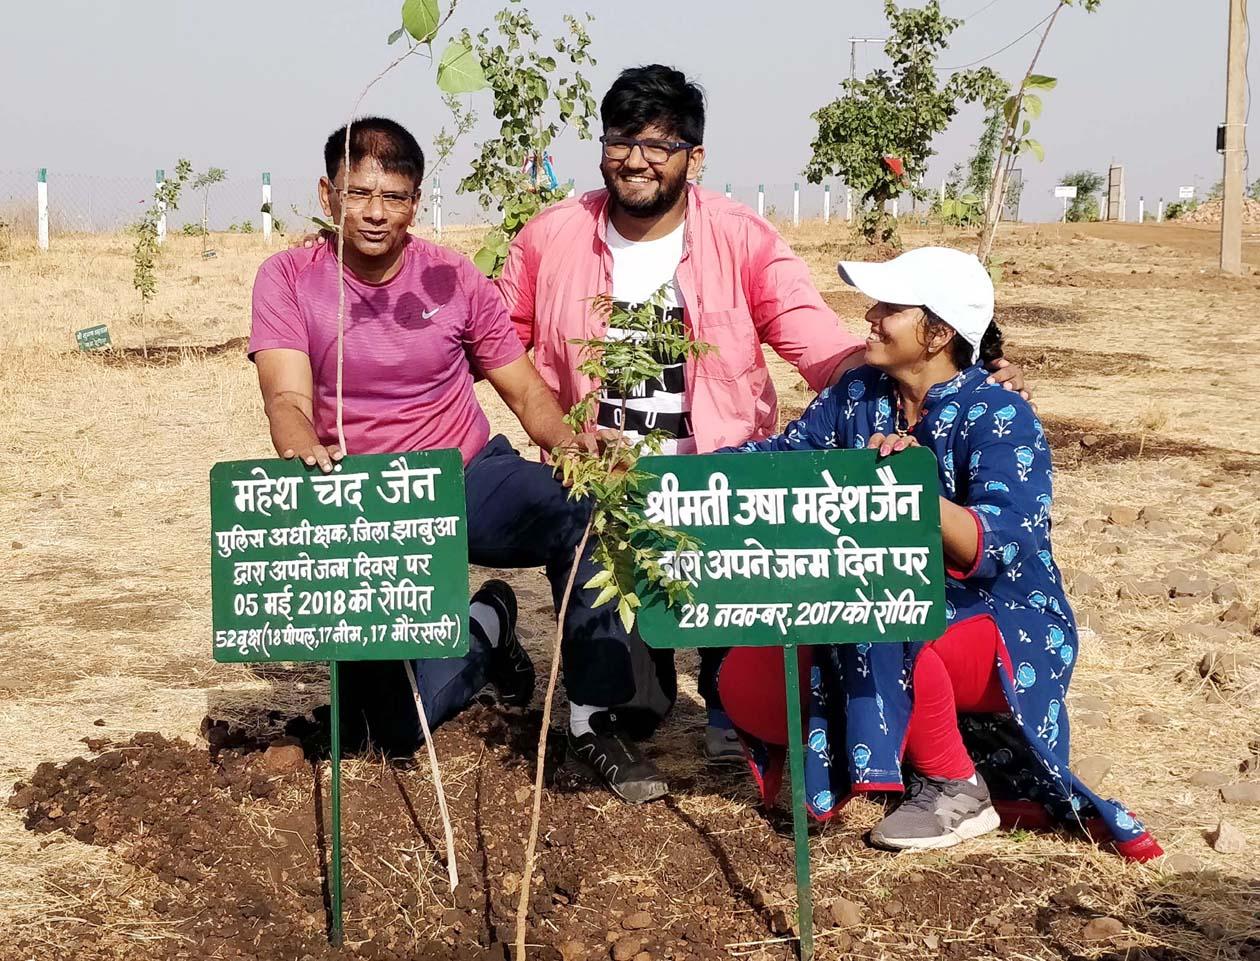 पुलिस अधीक्षक ने जन्मदिवस पर हाथीपावा पहाड़ी पर 52 पौधे लगाकर पर्यावरण संरक्षण का दिया संदेश -Jhabua-SP-planting-52-trees-on-Hathipawa-hill-on-birthday